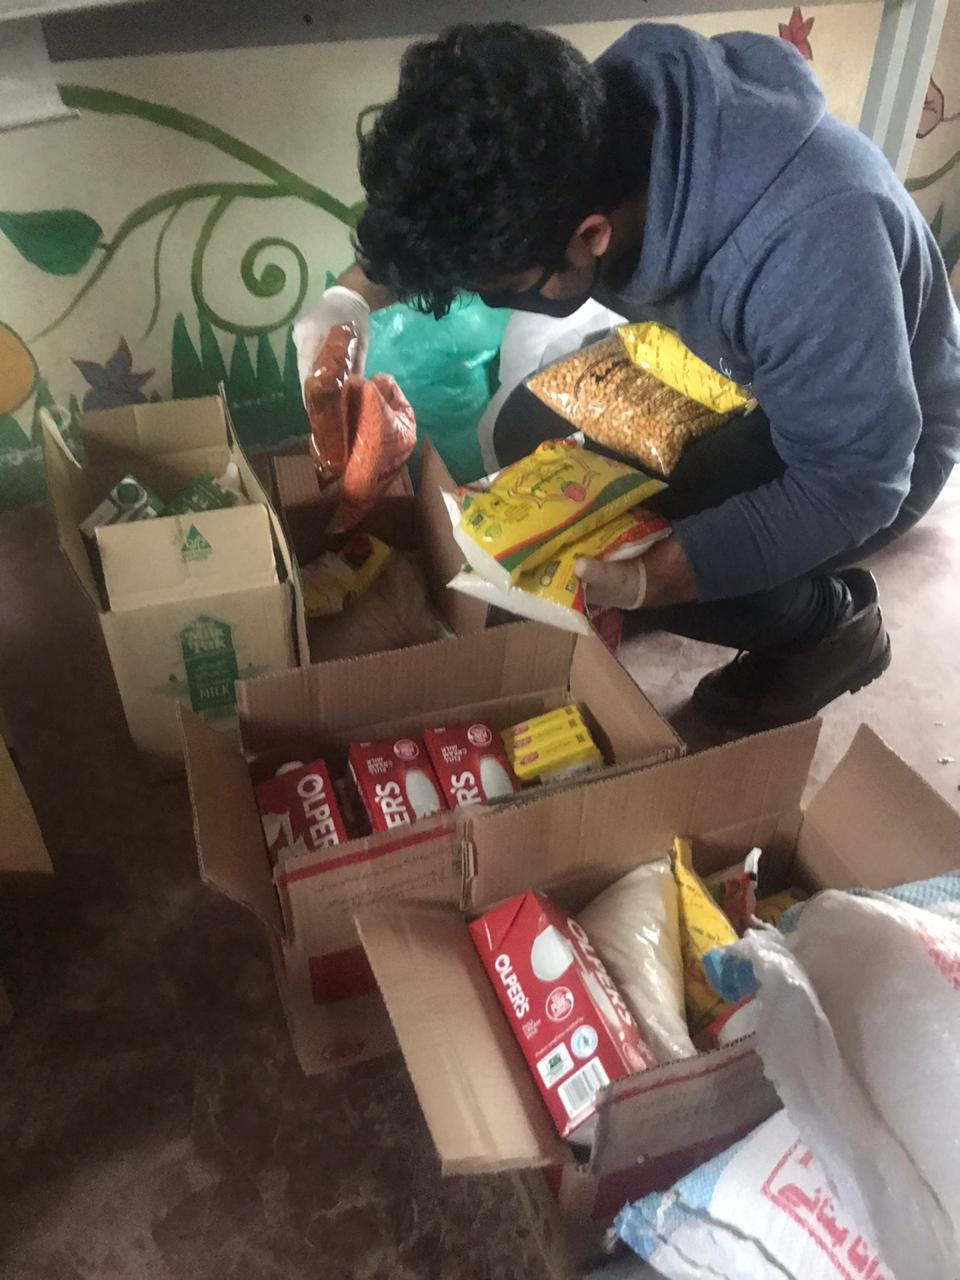 Ration packages being prepared by EHM volunteers